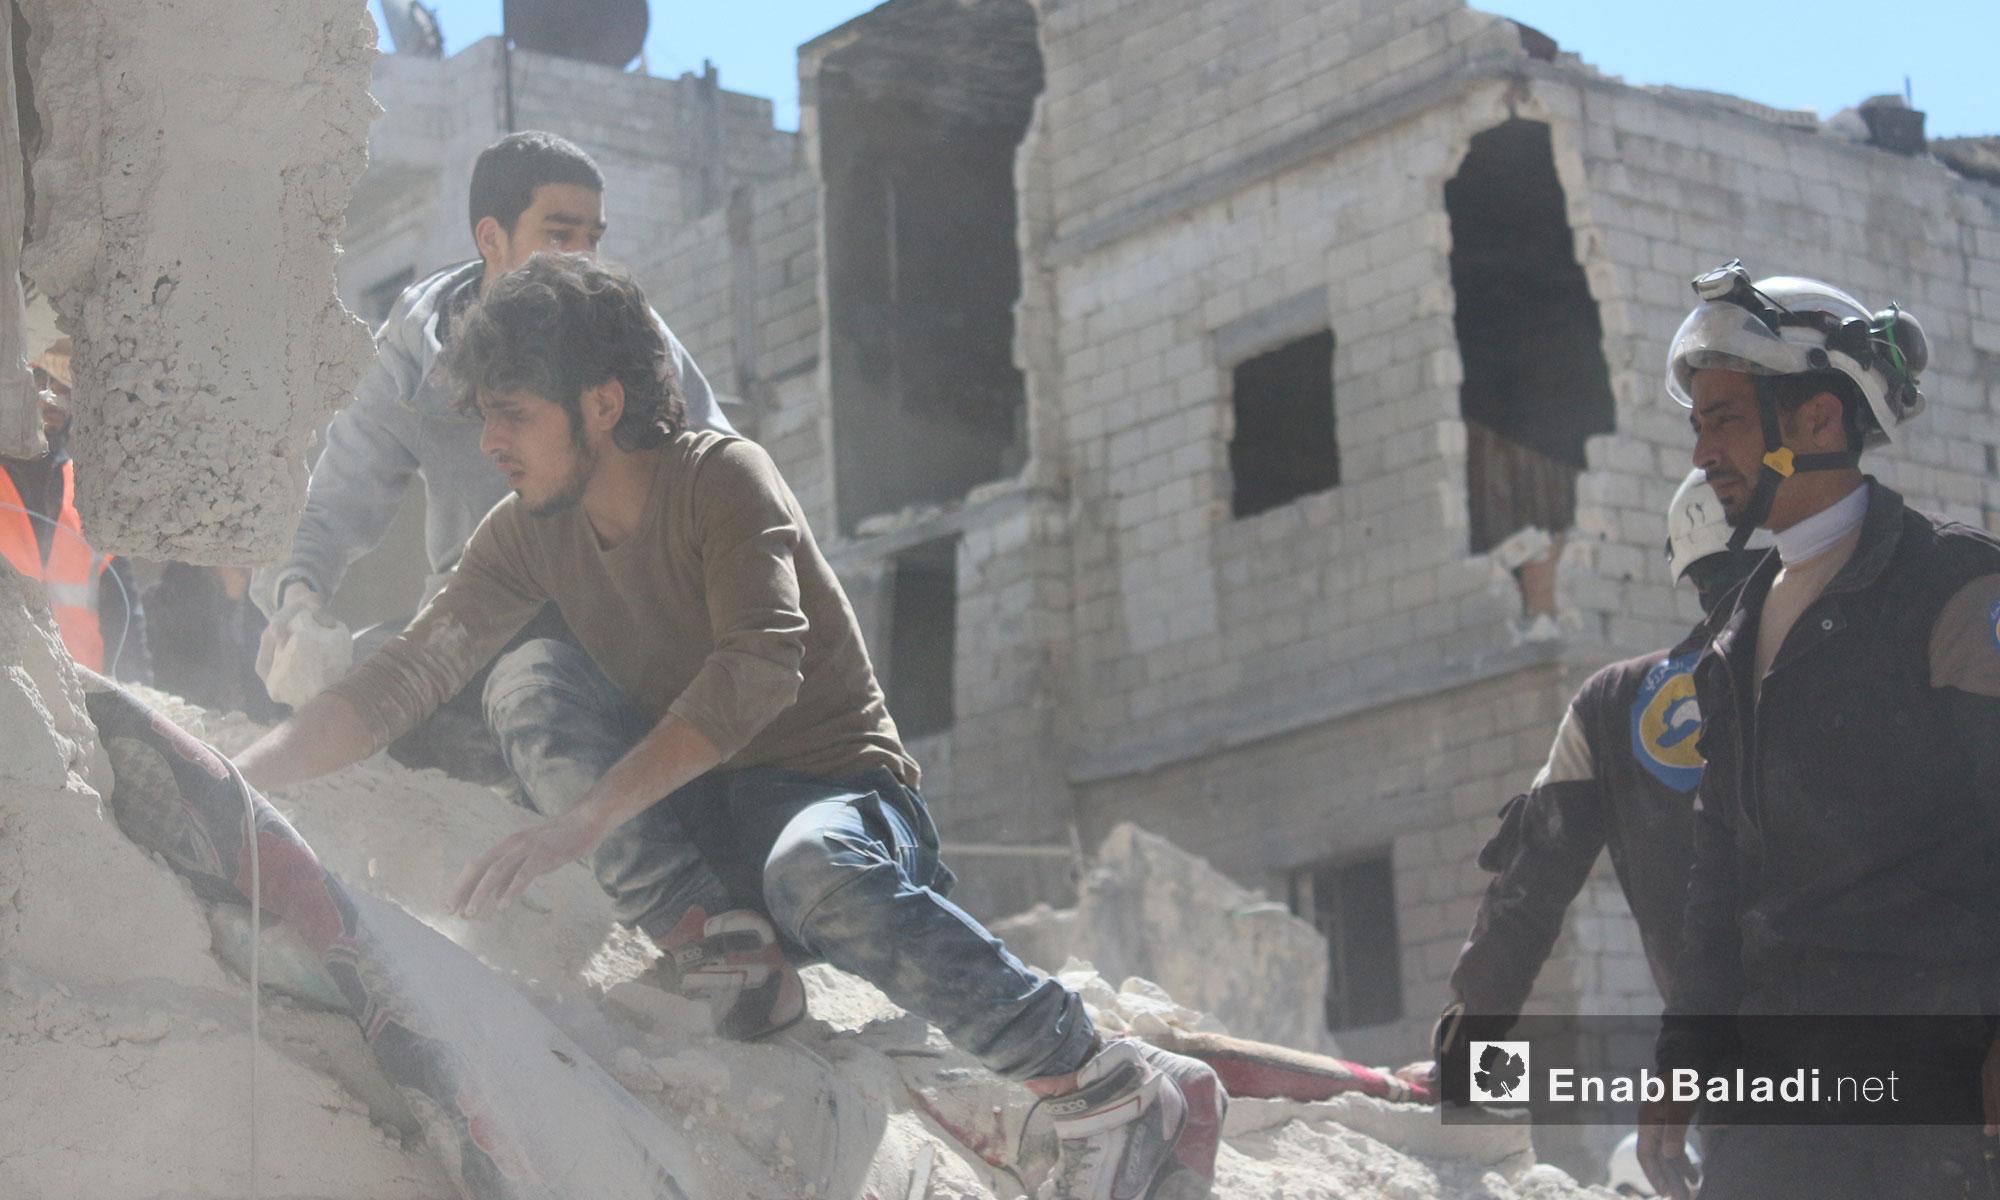 عمليات انتشال العالقين تحت الأنقاض من قبل الدفاع المدني جراء قصف الطيران الحربي مدينة إدلب - 19 آذار 2017 (عنب بلدي)